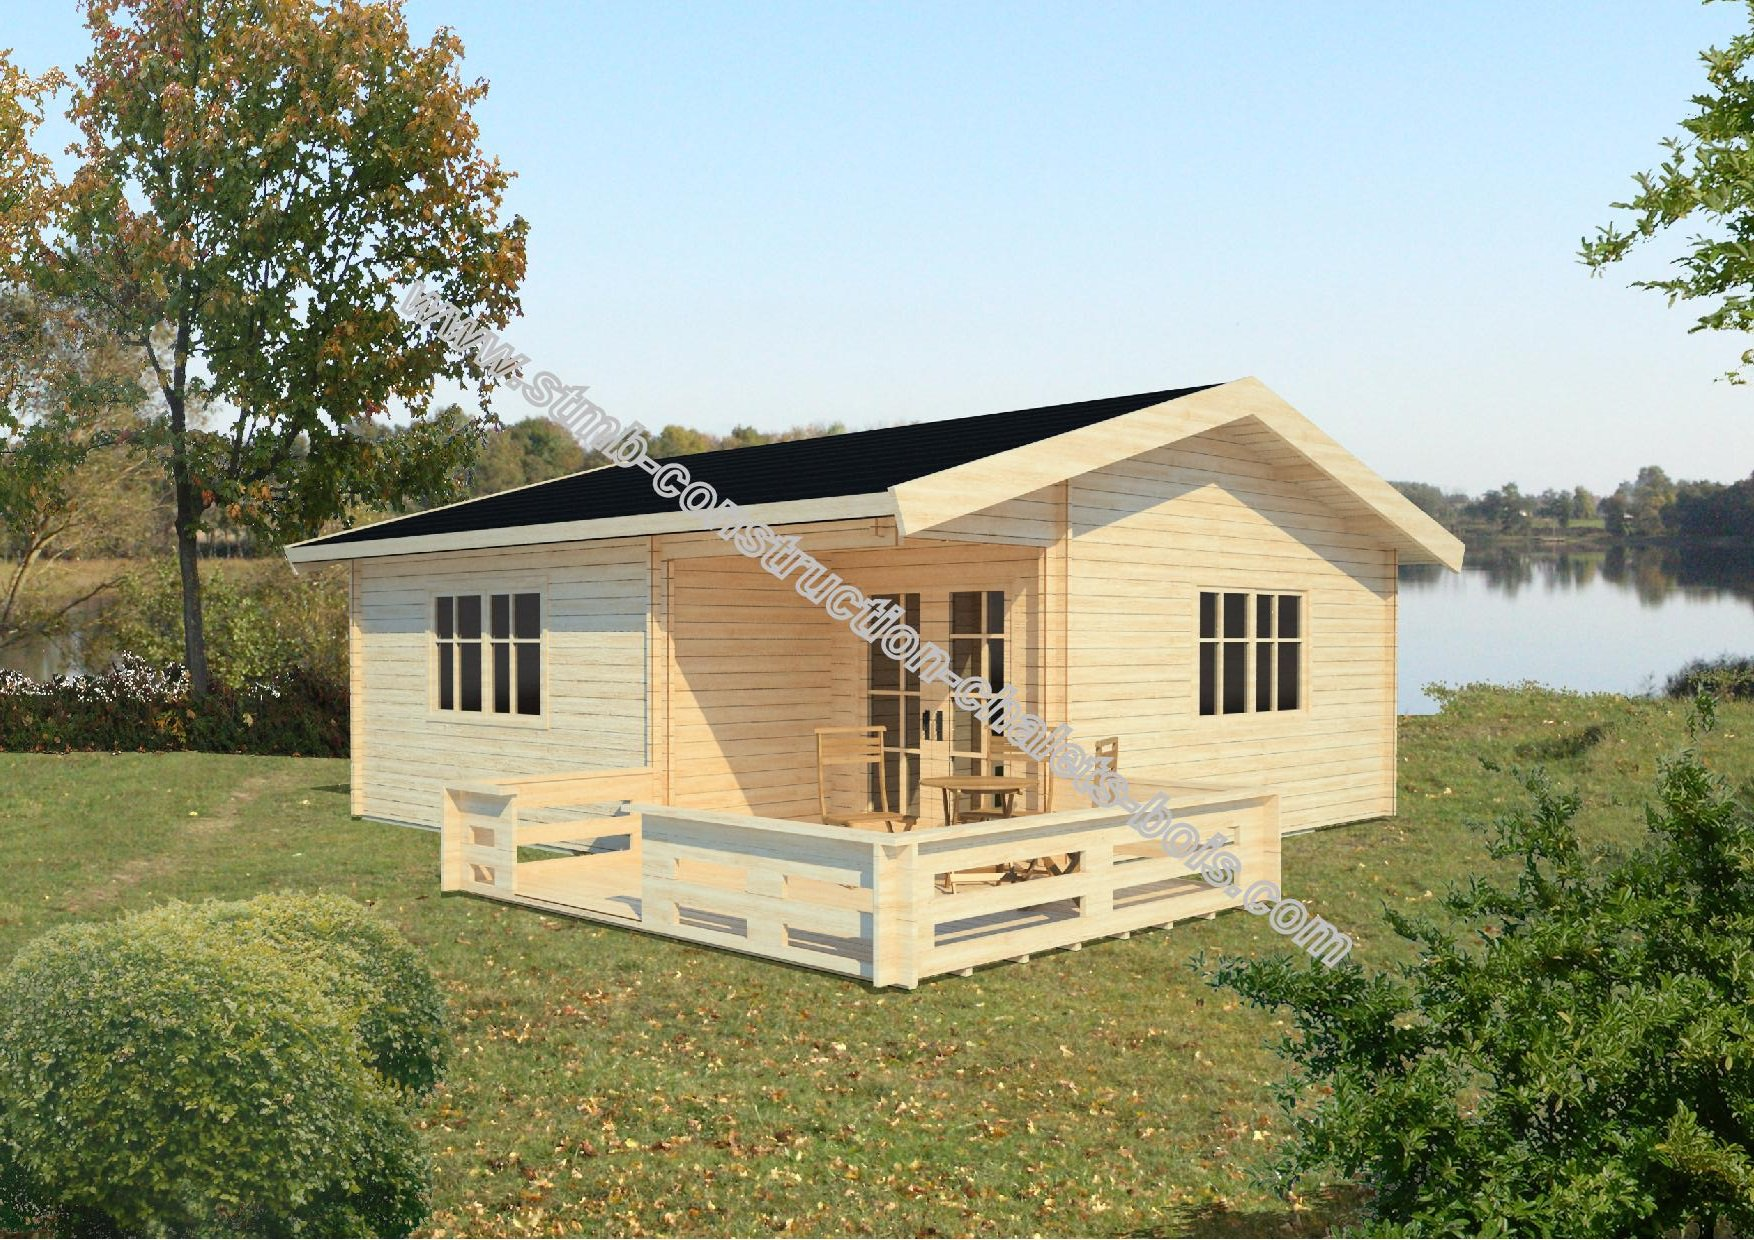 Chalet en bois habitable amiens 36 m2 stmb construction for Jardines de chalets